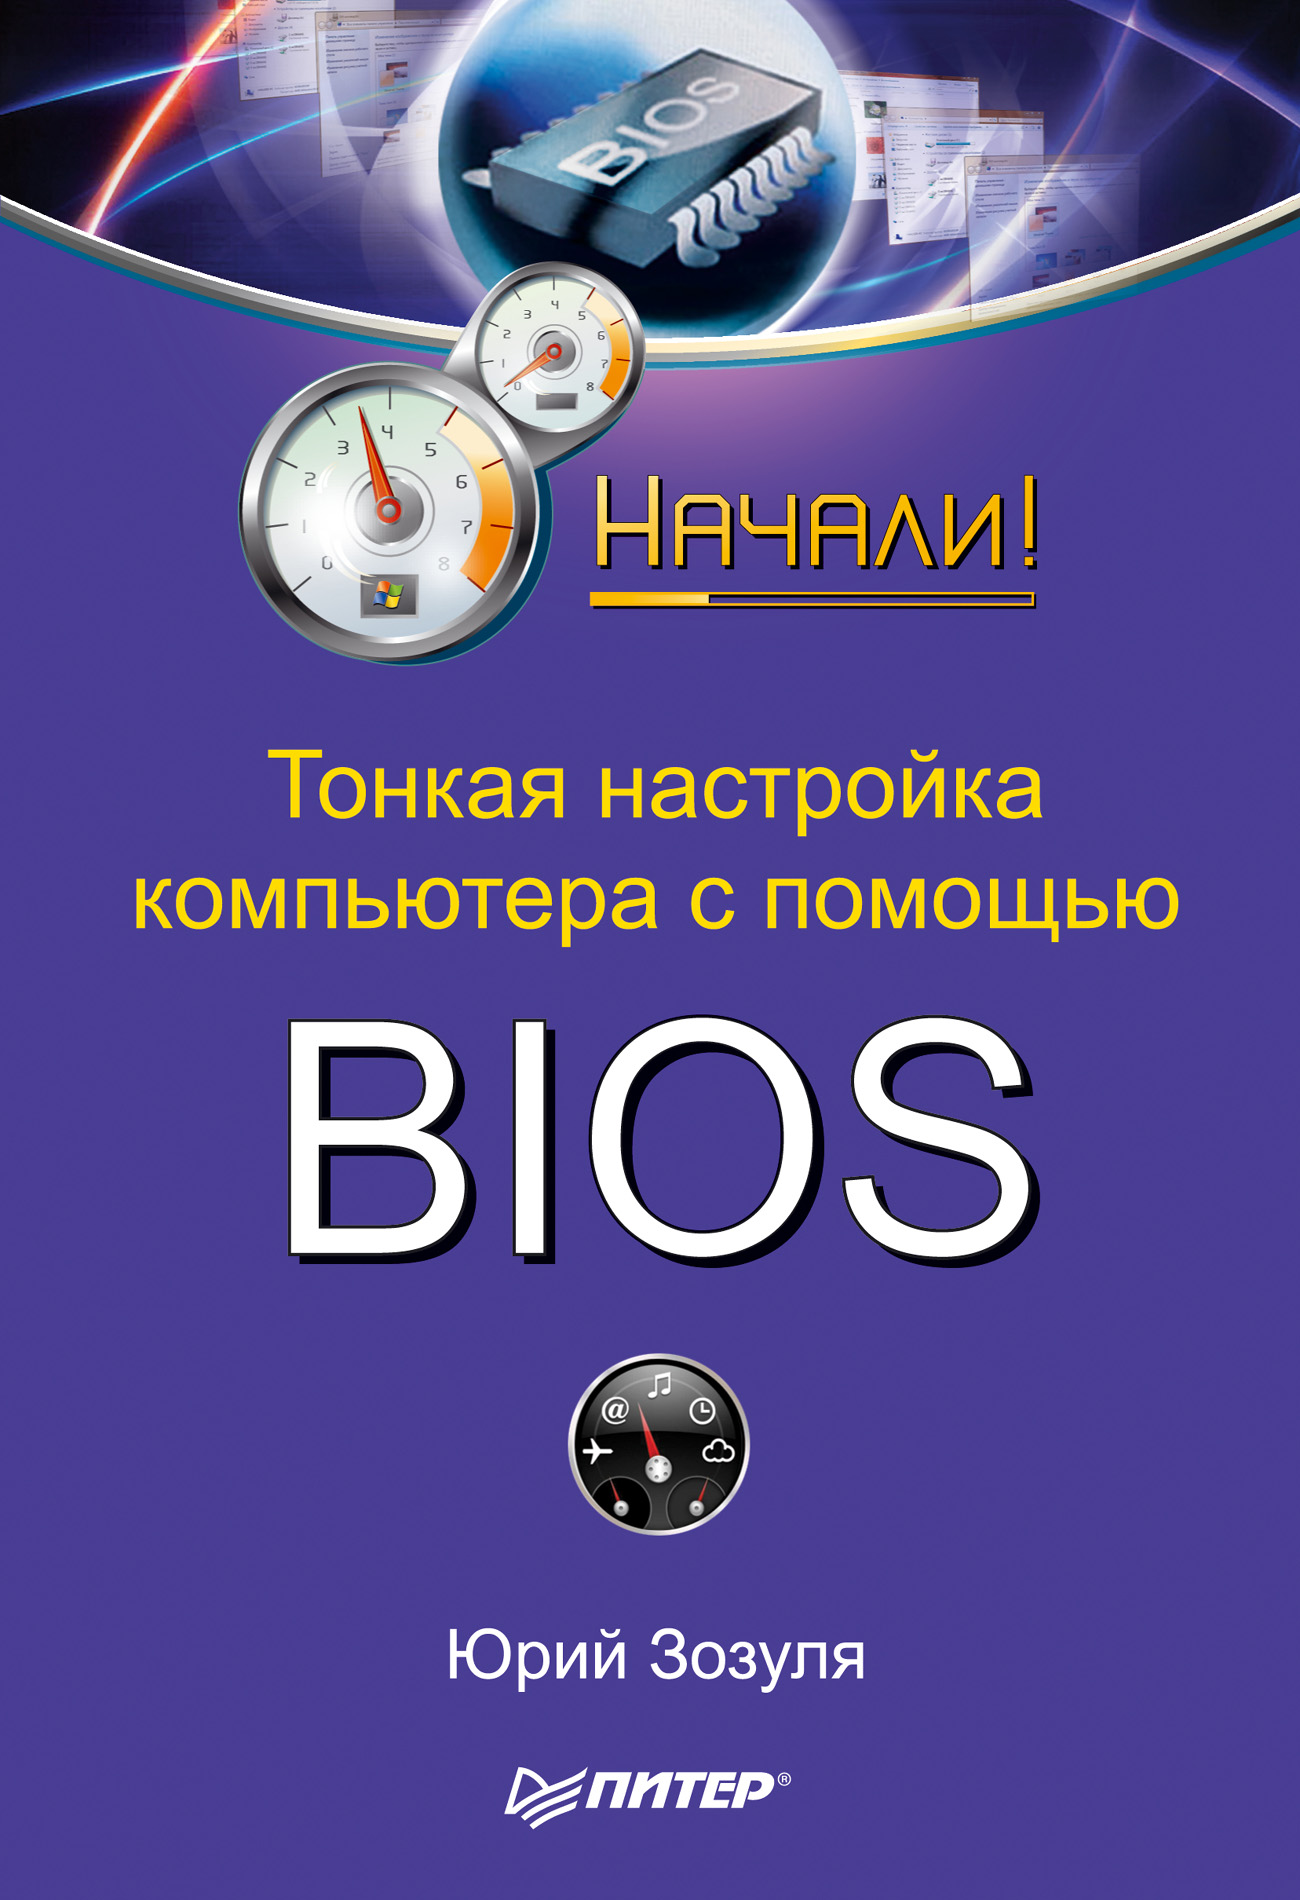 Юрий Зозуля Тонкая настройка компьютера с помощью BIOS. Начали! компьютер